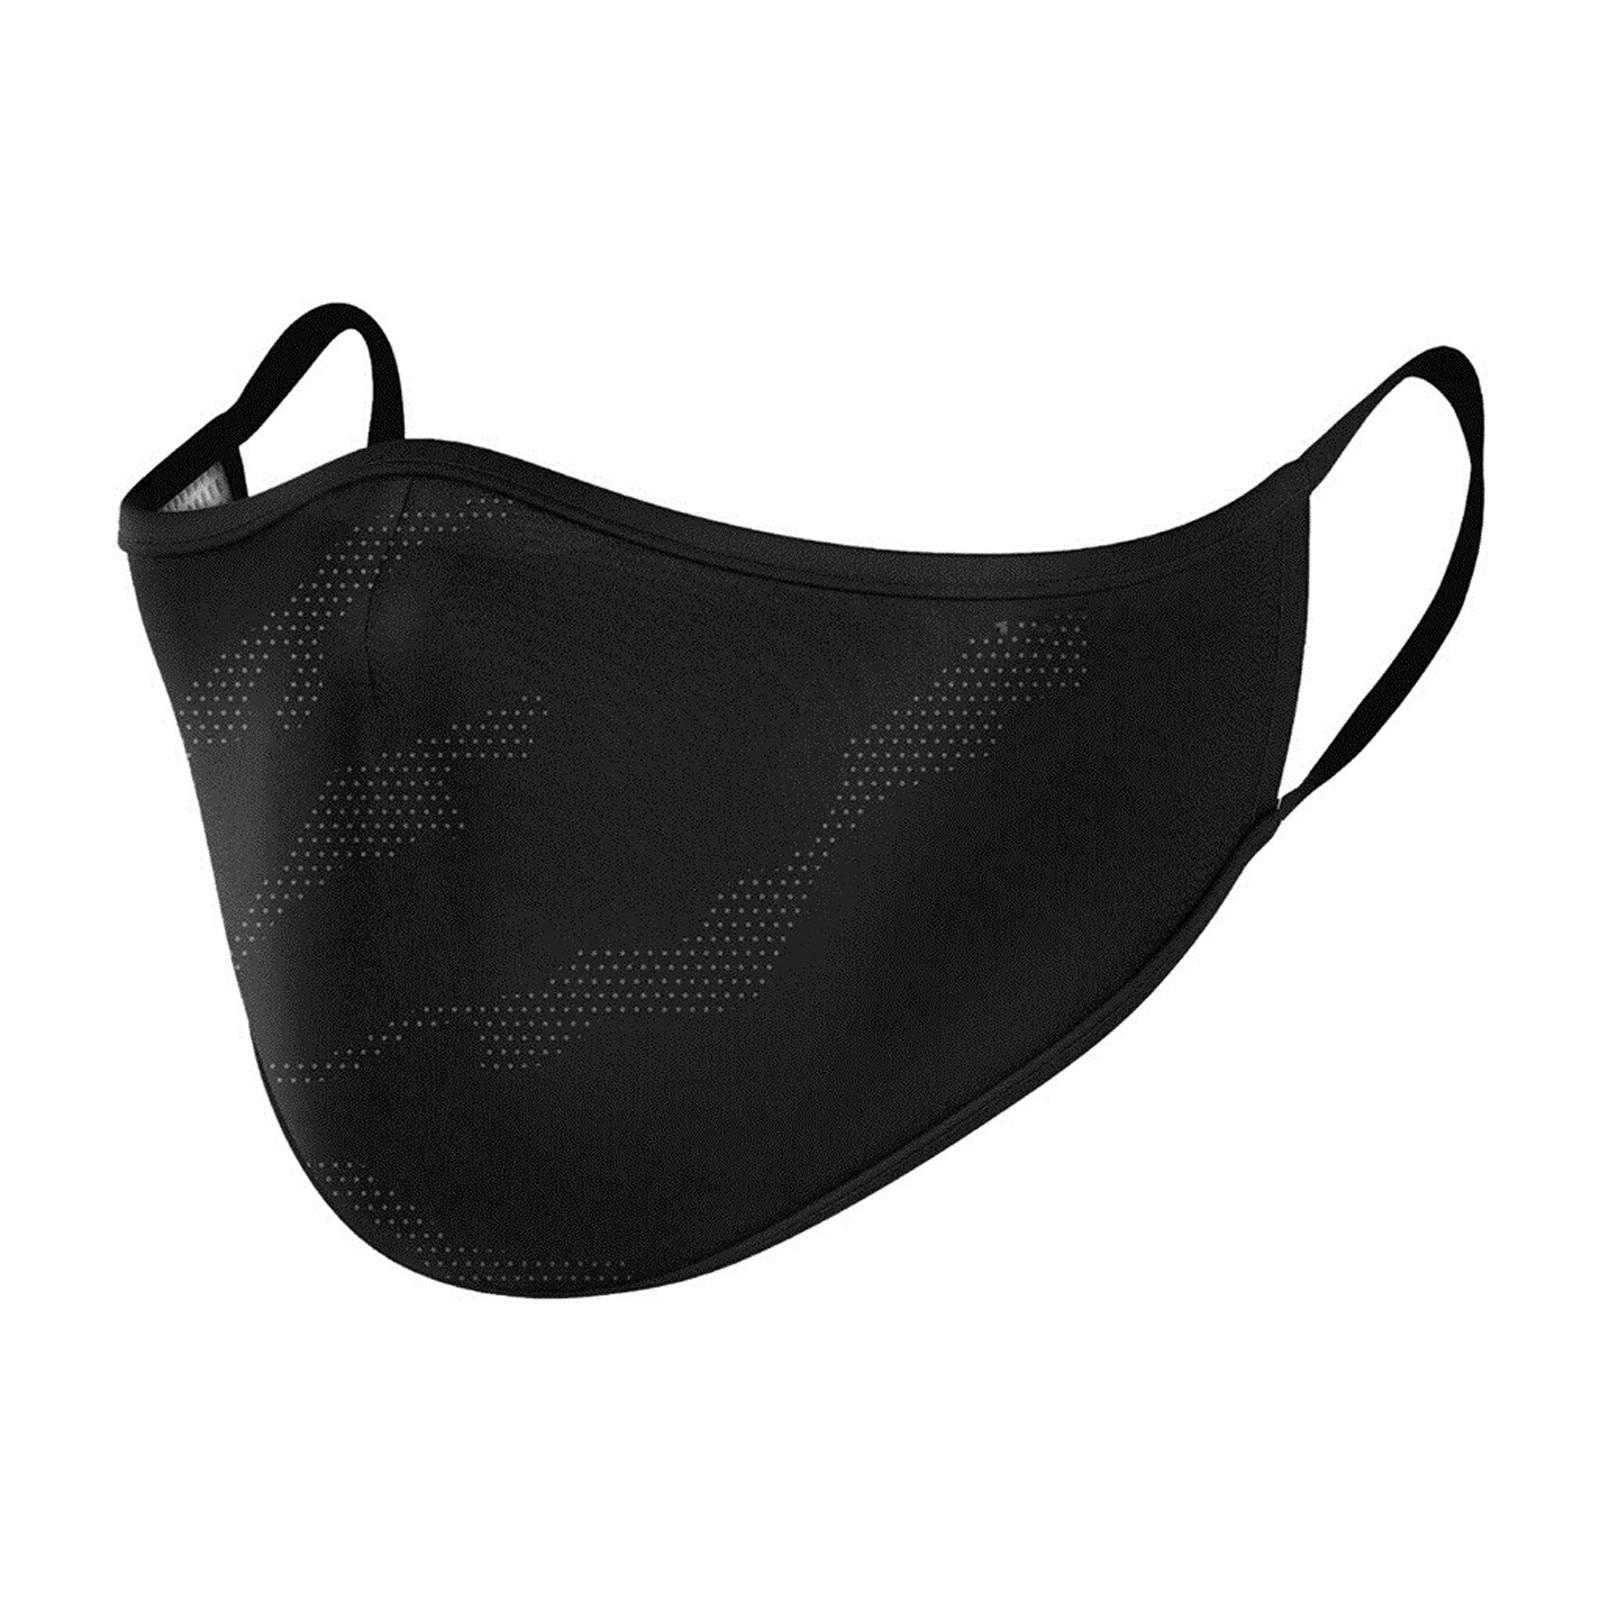 Маска для лица для взрослых, дышащая, моющаяся, многоразовая, Пылезащитная, для езды на велосипеде, бега, хлопка, #50